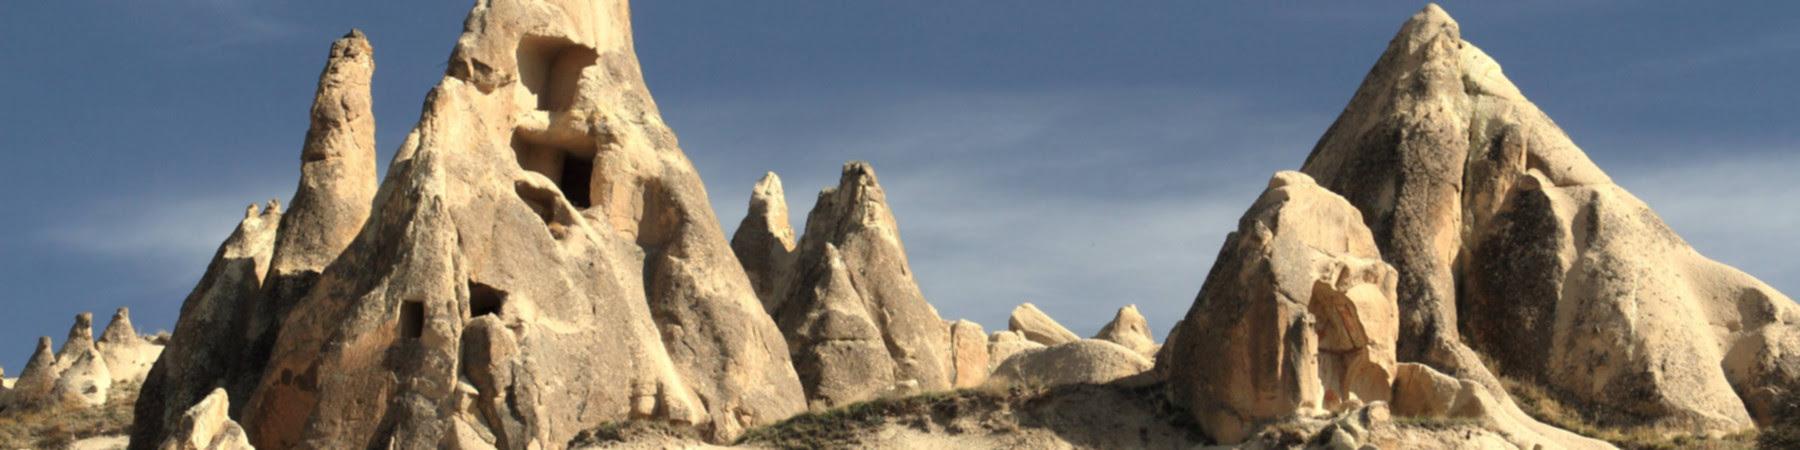 Cappadocia Banner.jpg